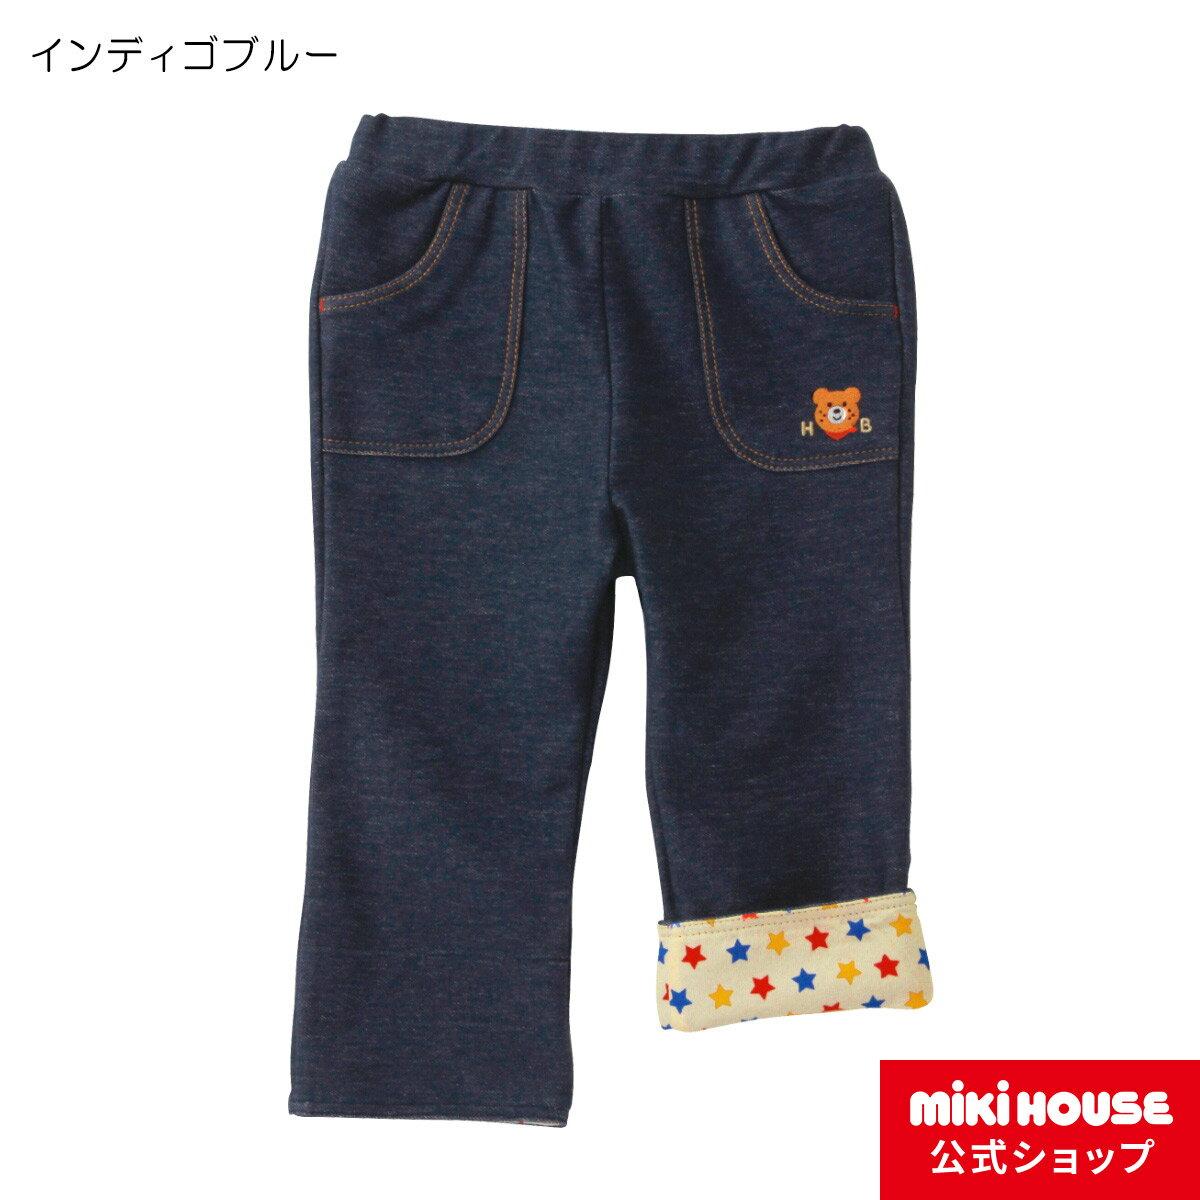 ミキハウス ホットビスケッツ mikihouse ビーンズくん ストレッチニットデニムパンツ(100cm・110cm)